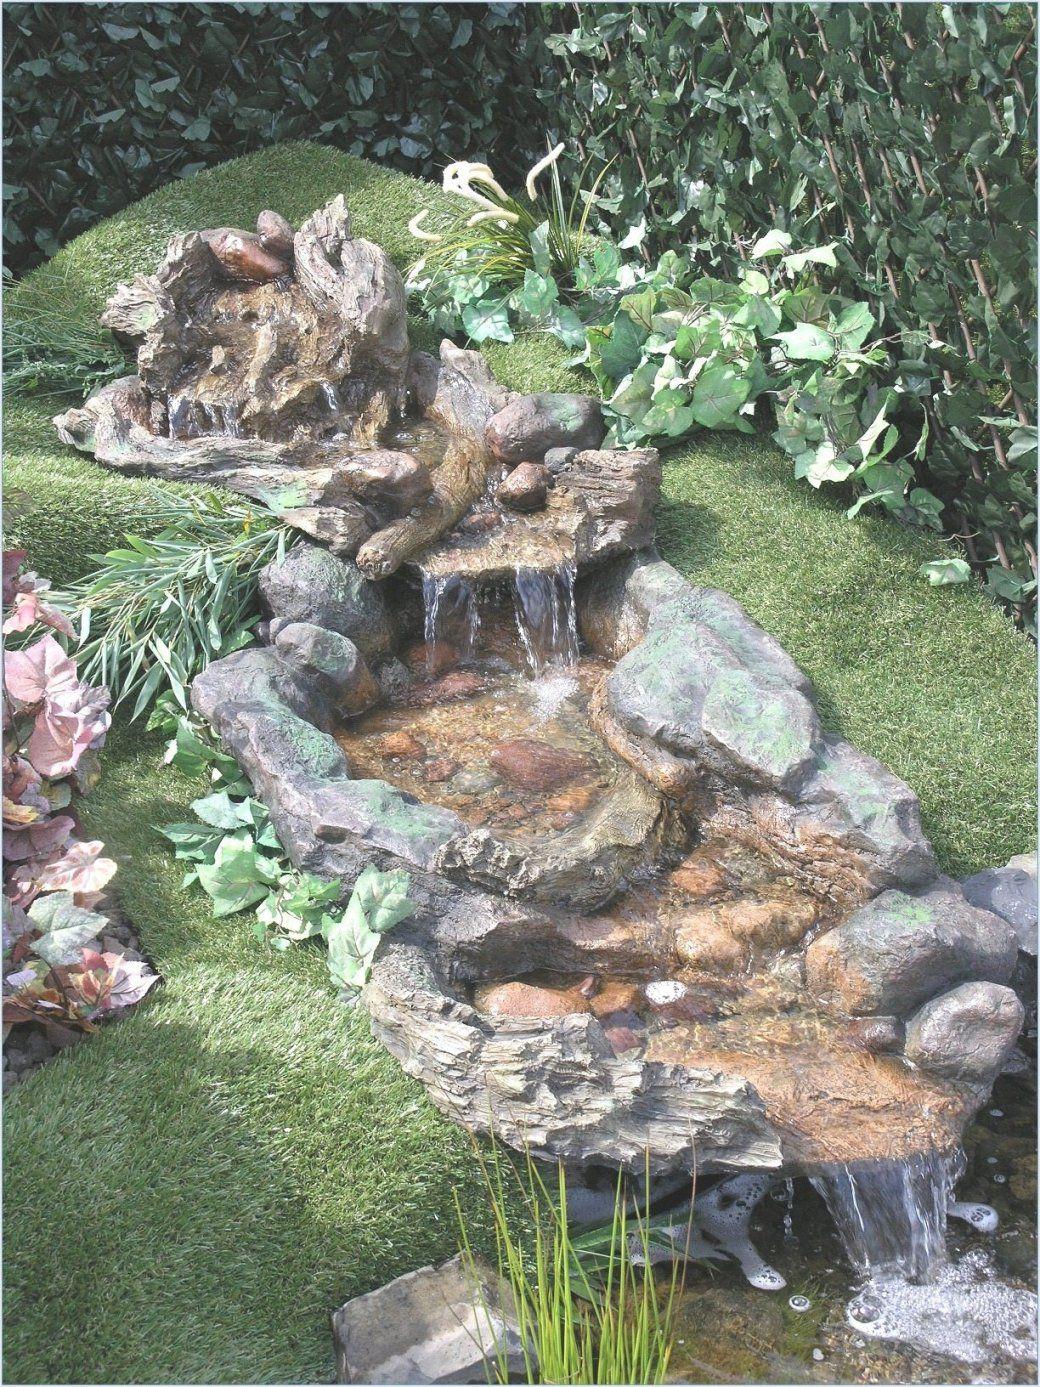 Wasserlauf Garten Anlegen Attraktiv Ungewöhnlich Wasserfall Selber von Wasserfall Garten Bauen Anleitung Photo